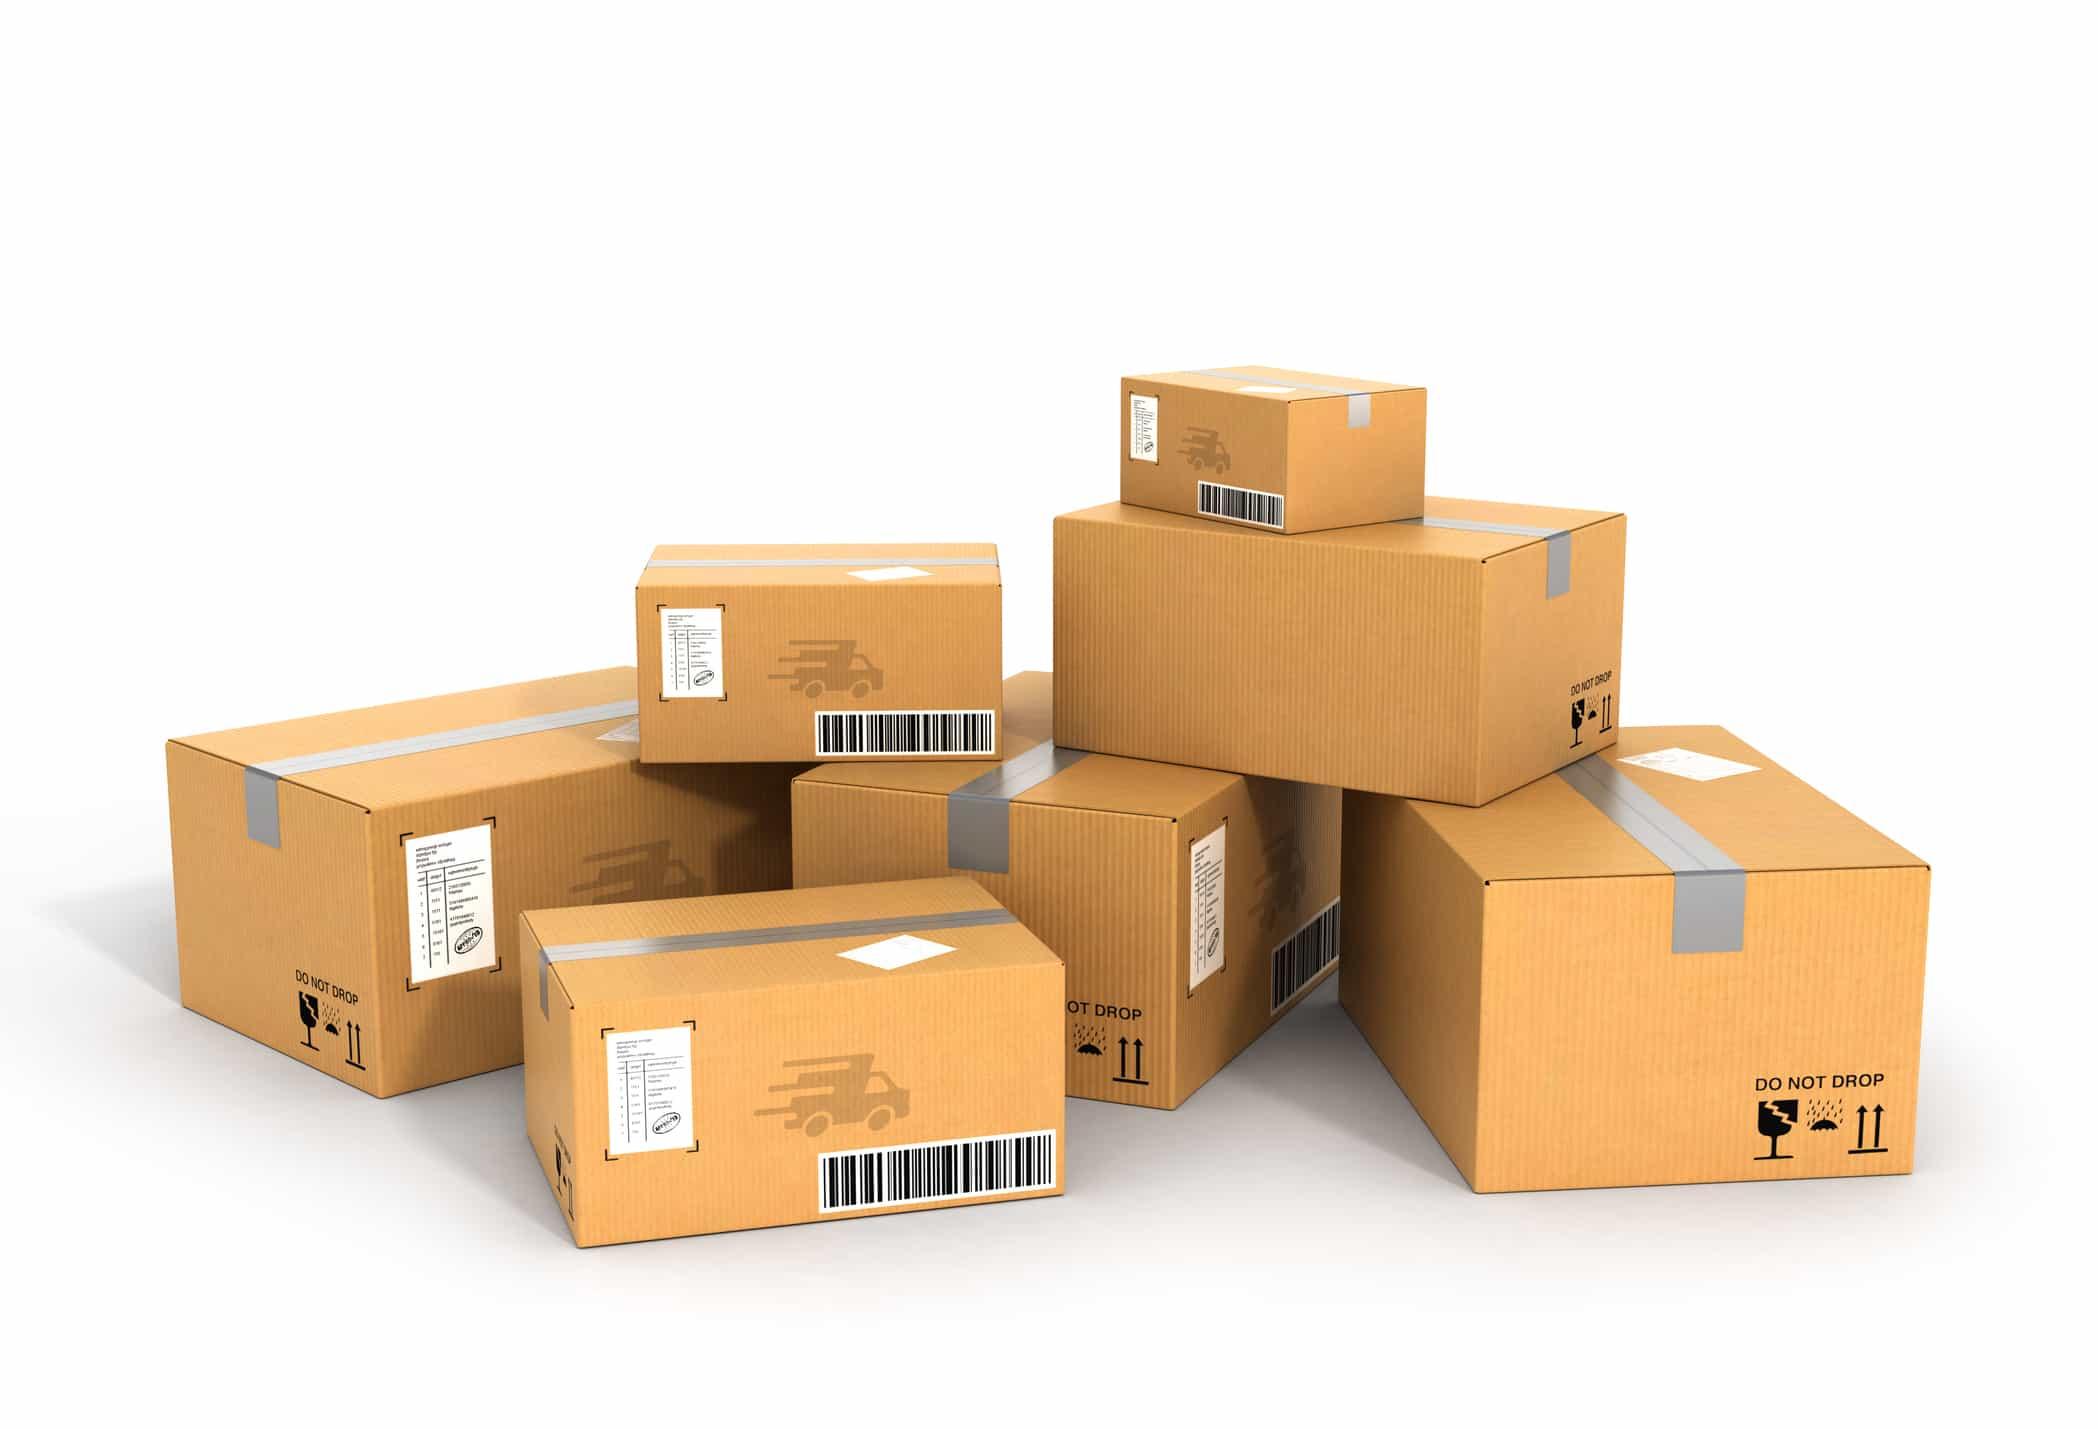 E-kaubanduse ja pakiveo lähiaastate väljakutse on riikideülene teenus